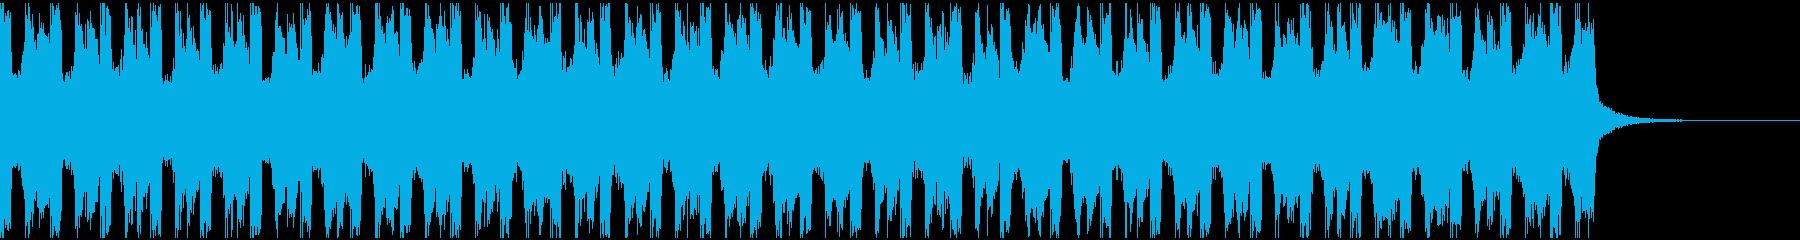 コマーシャルのBGMに!シンプルなEDMの再生済みの波形